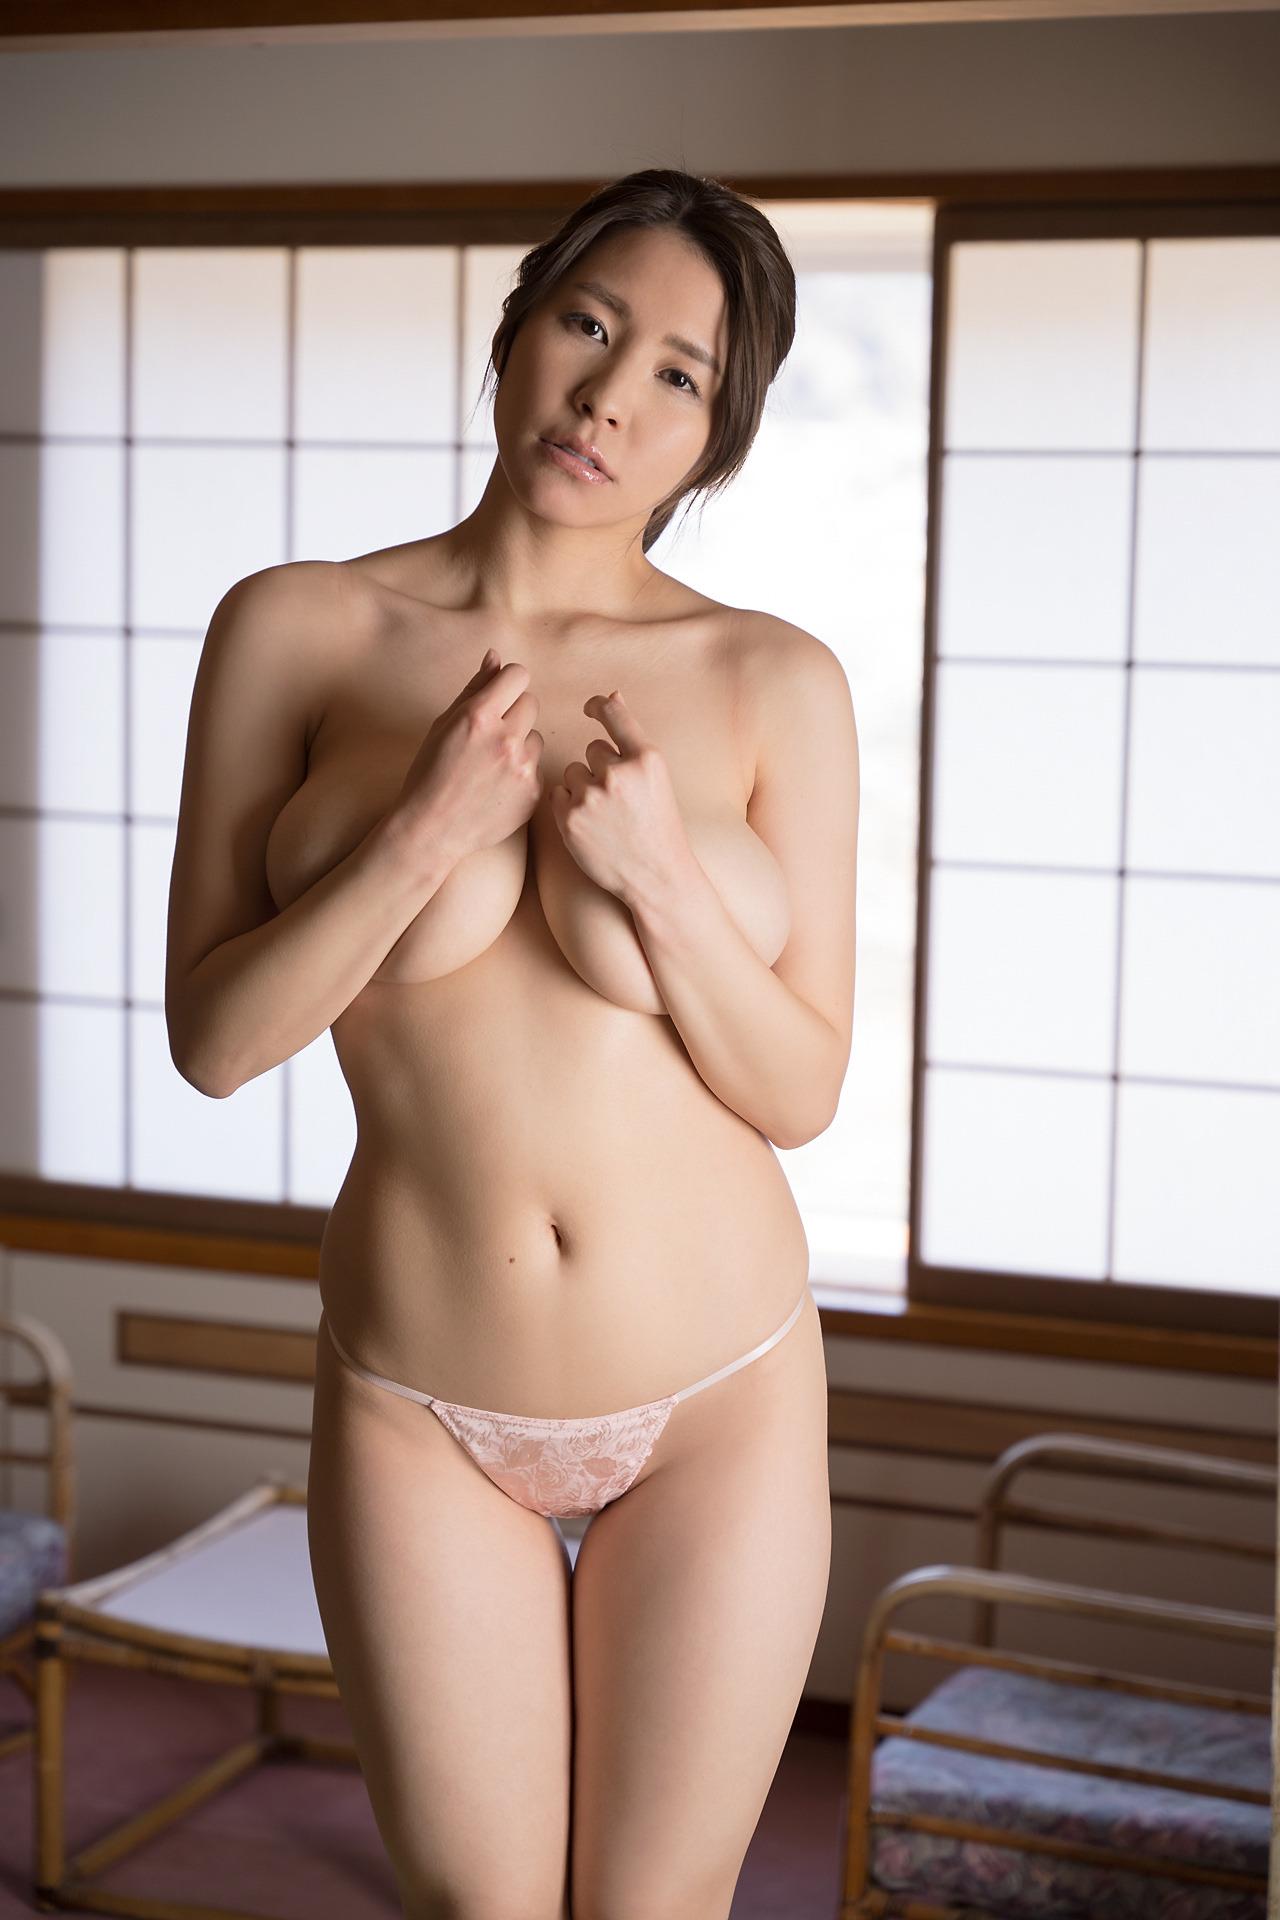 夏来唯 Yui Natsuki -34.jpg